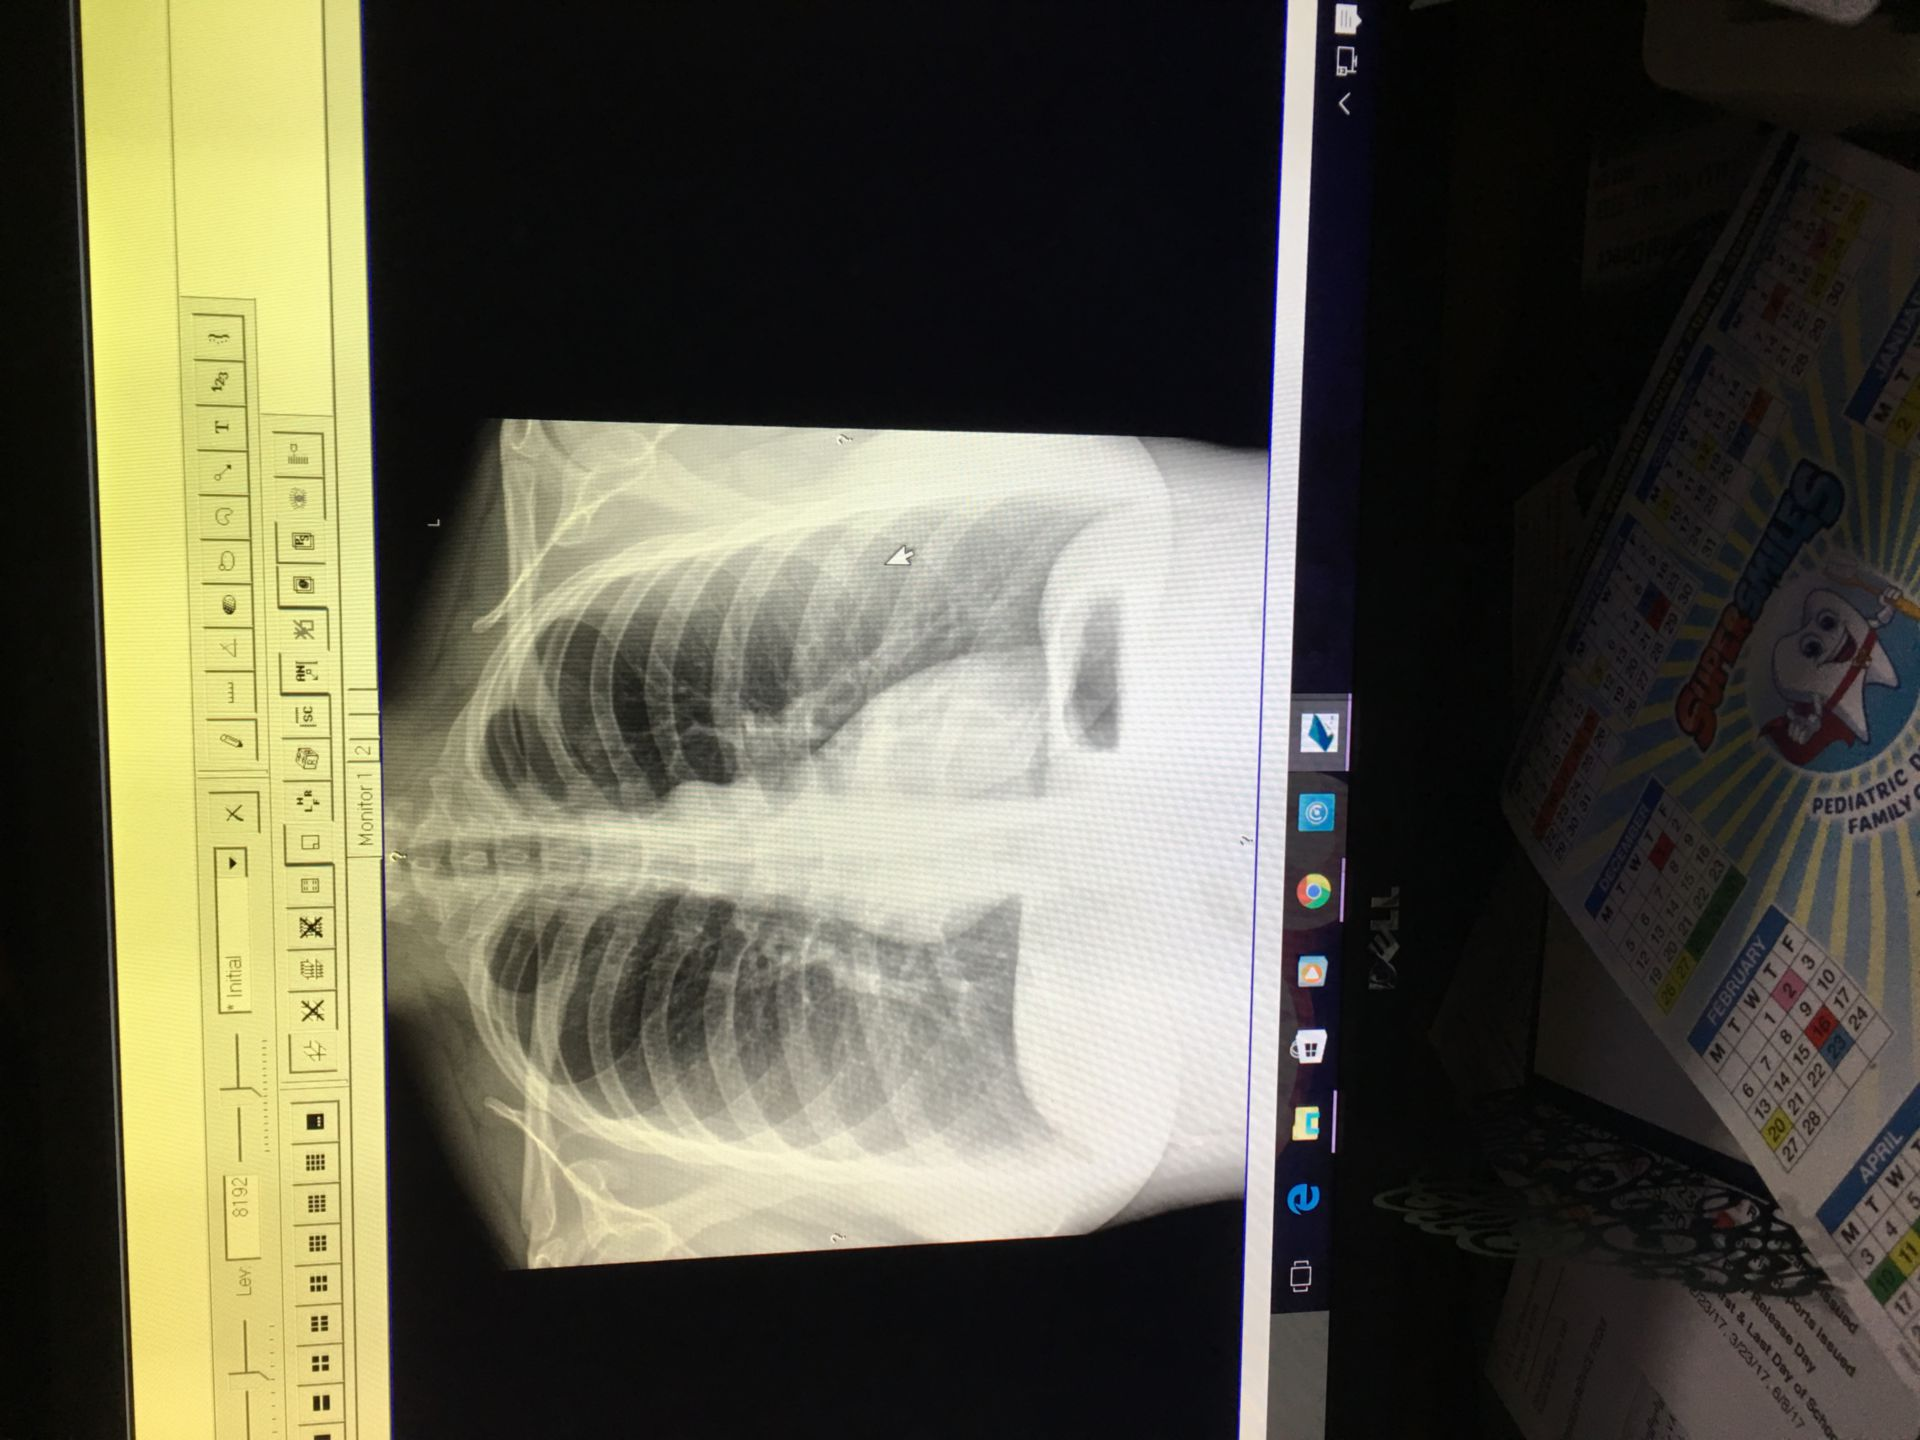 Röntgenbild des Brustbereichs